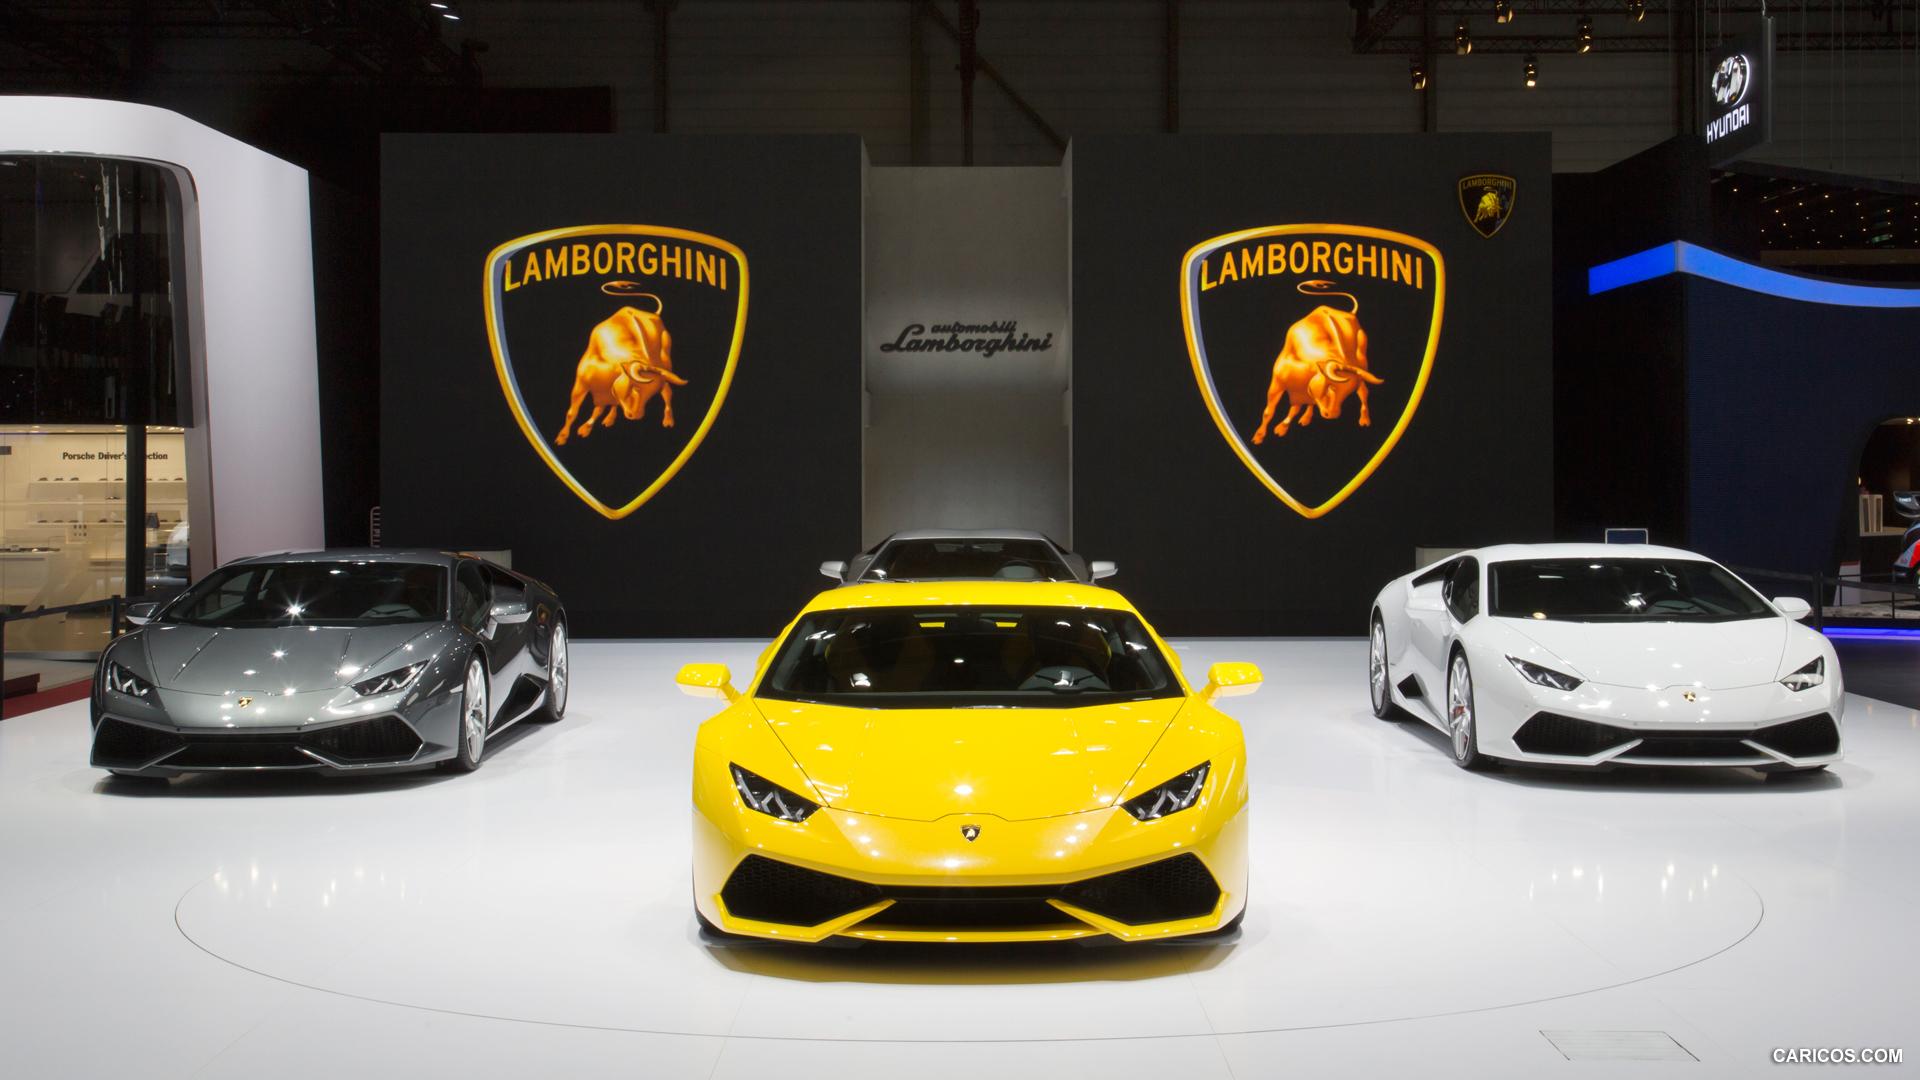 Lamborghini La Plus Sportive Des Voitures De Luxe